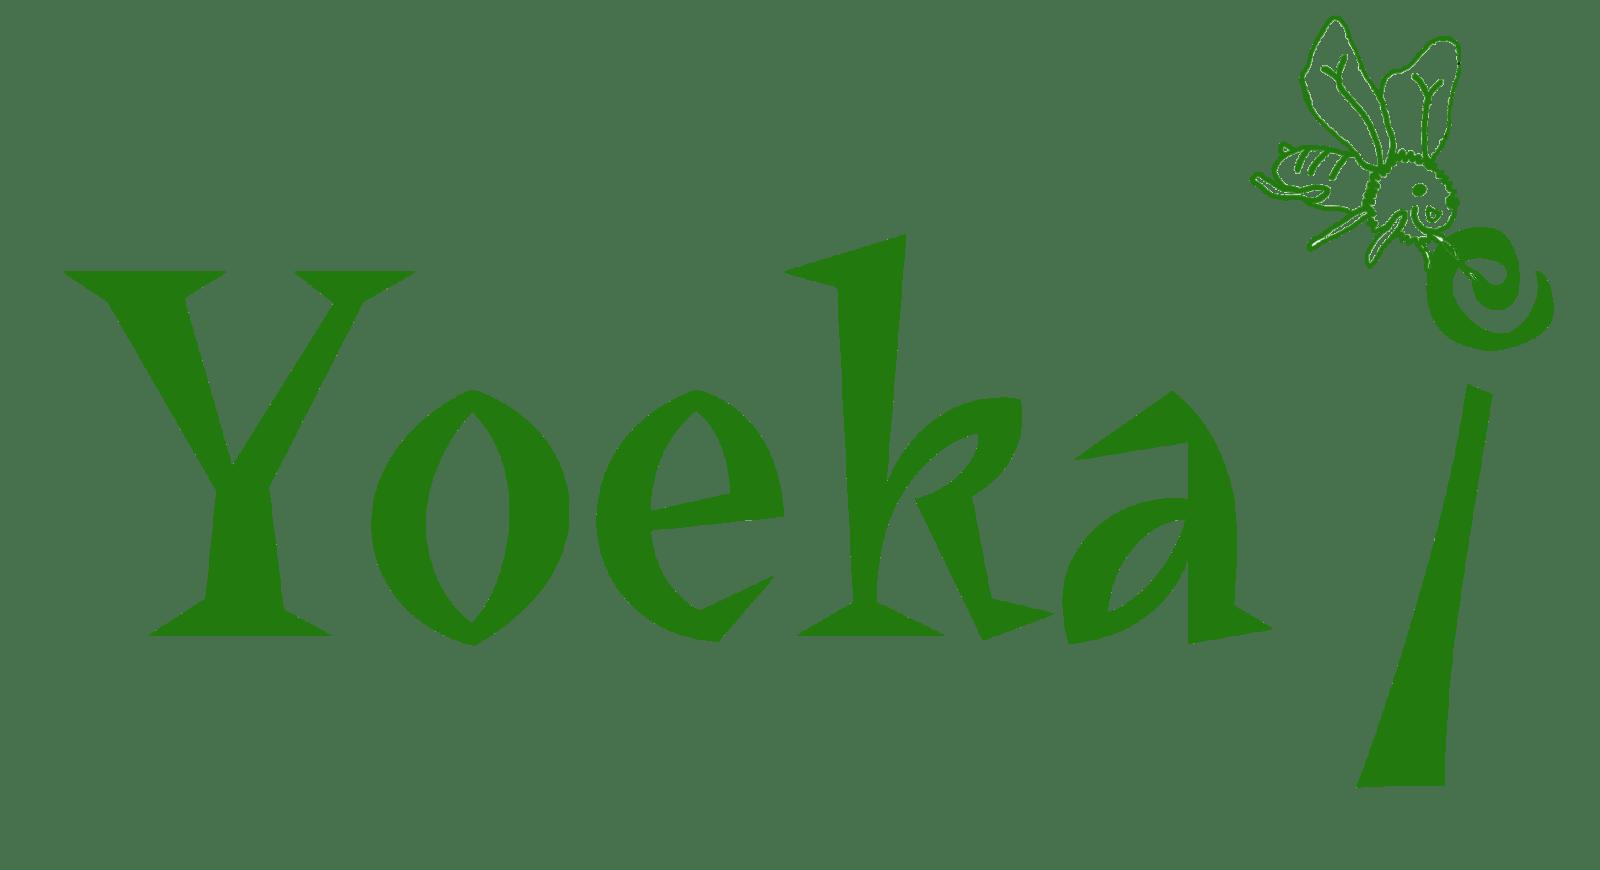 Yoeka Coaching